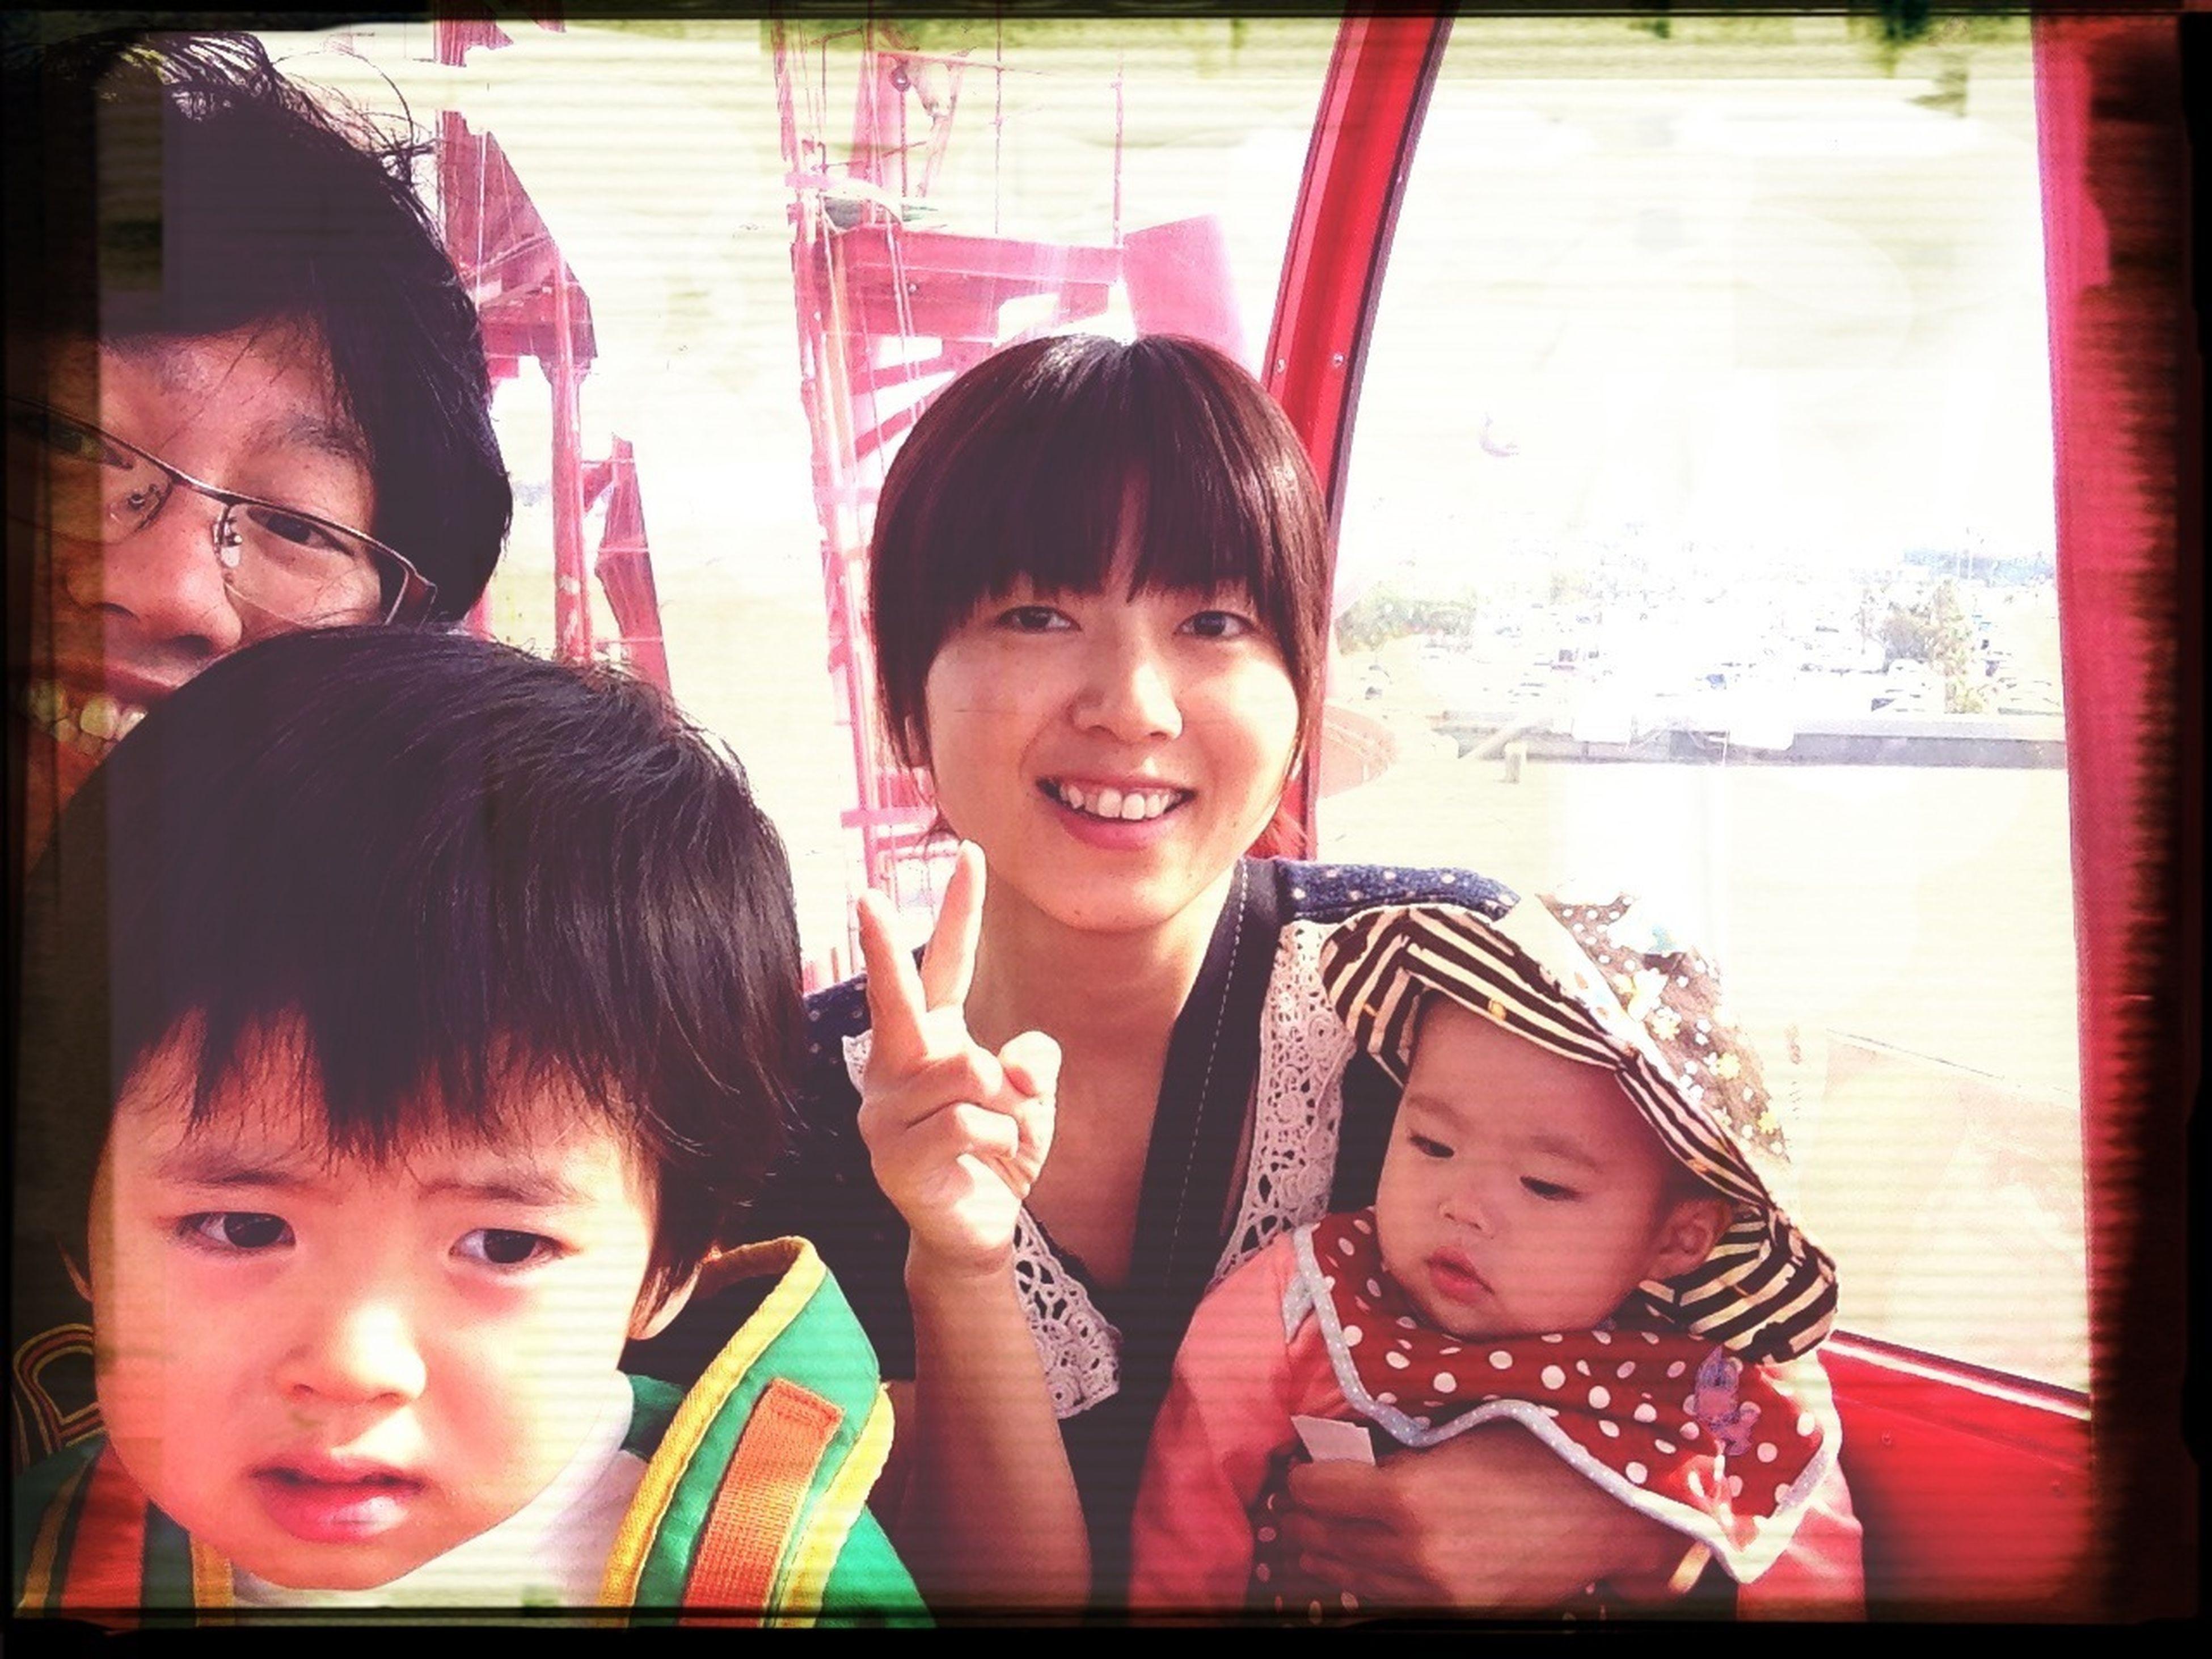 日曜日に家族で観覧車。初観覧車が家族と乗れていい思い出になりました。